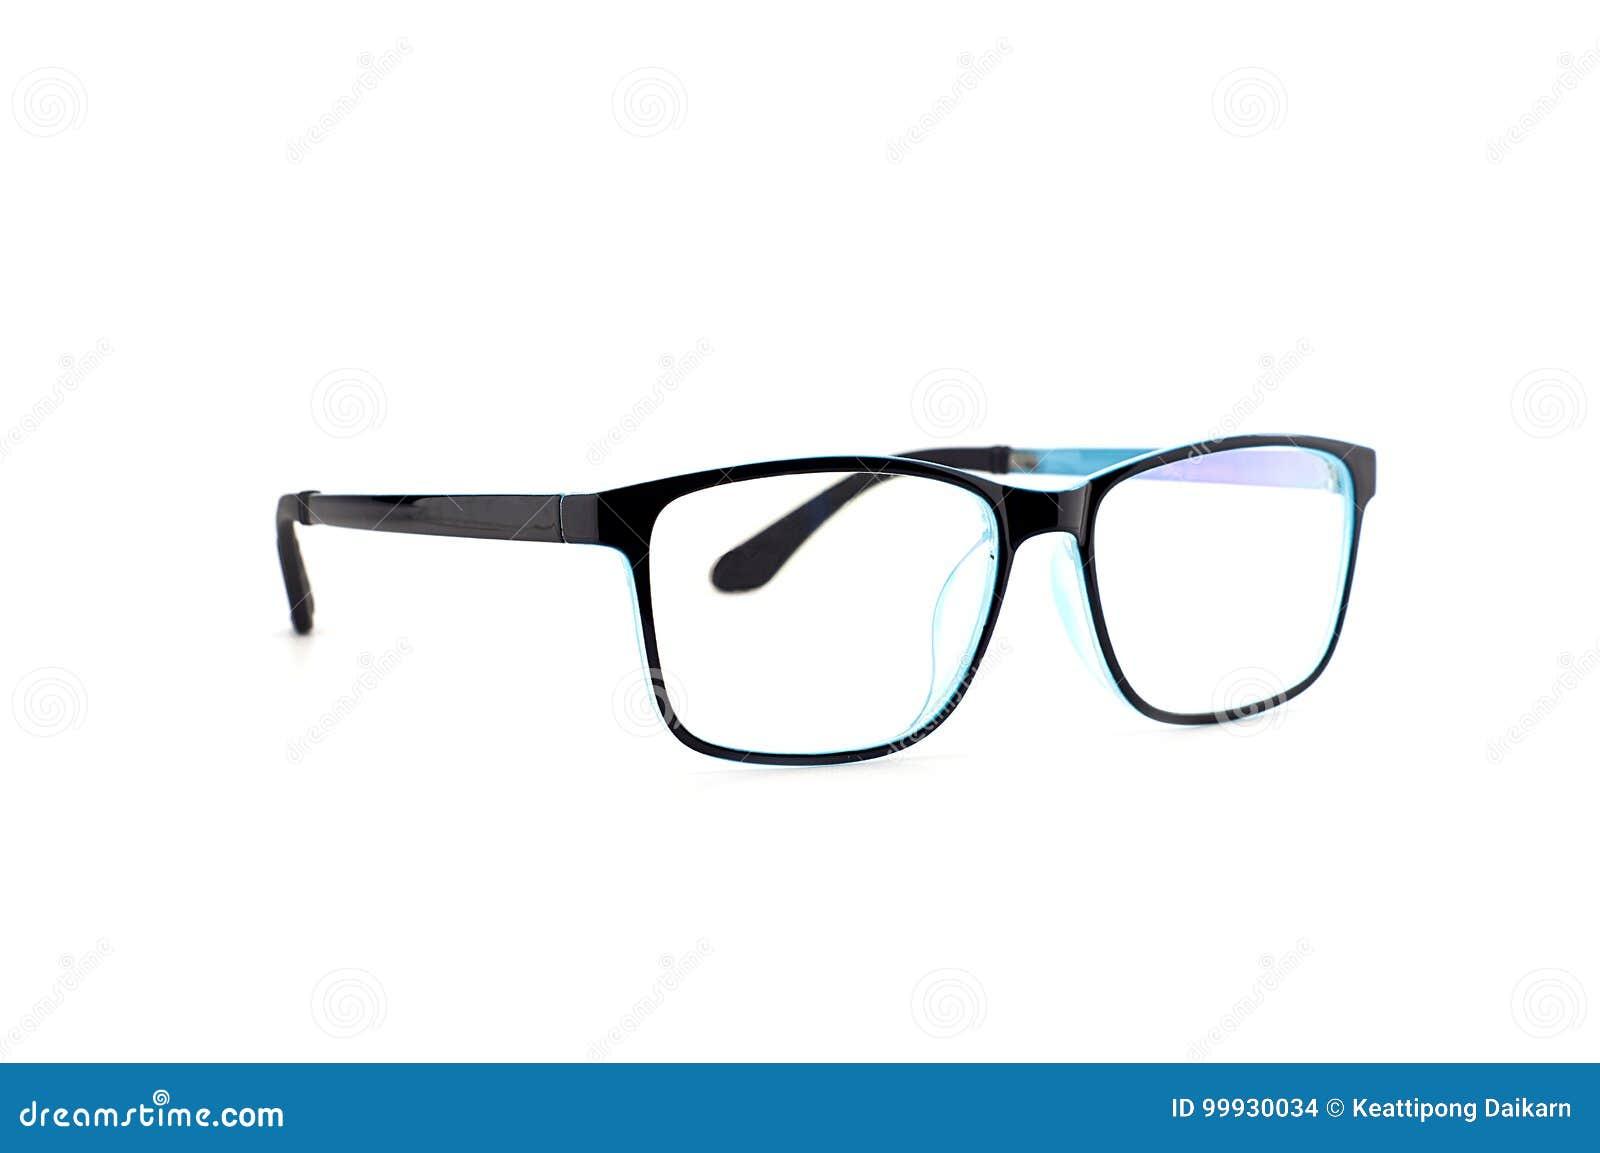 Black Eye Glasses Isolated On White Background Stock Photo